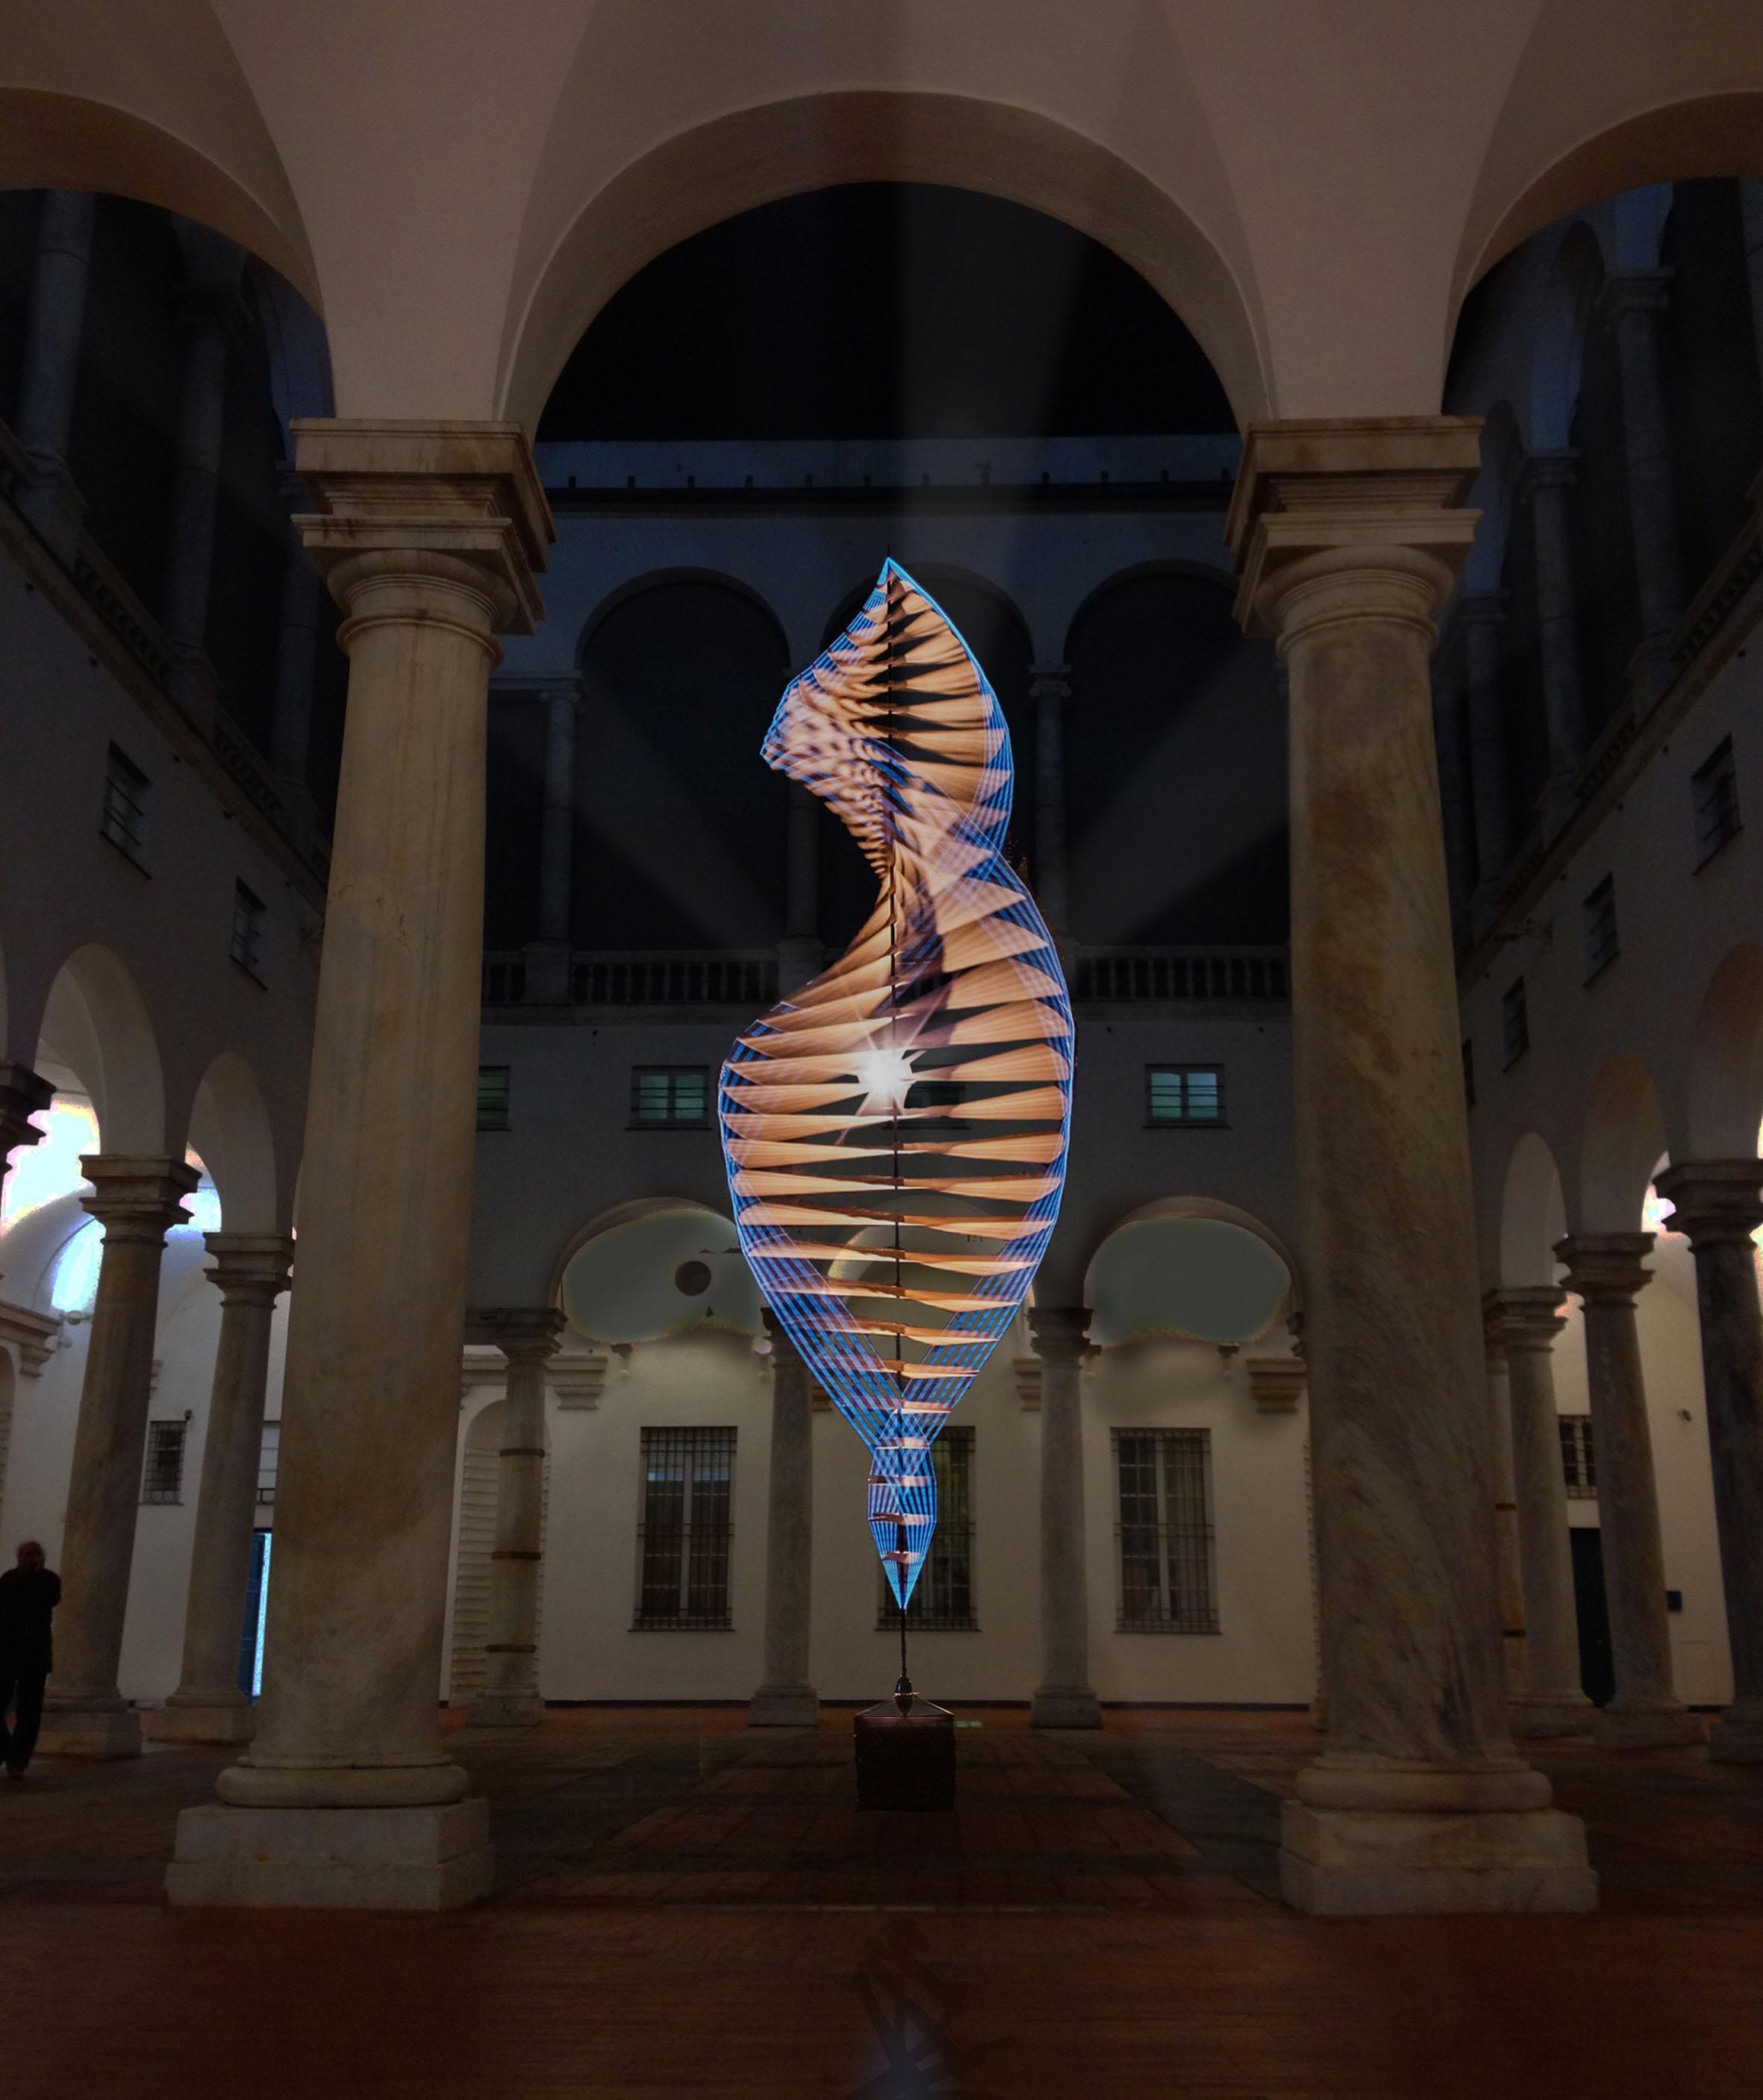 Alessandro Lupi, Universal Spin, 2015, tecnica mista supporto tecnico: FabLab Genova, cm 900x210x210 (in mostra a Palazzo Ducale, nell'ambito del Festival della Scienza)